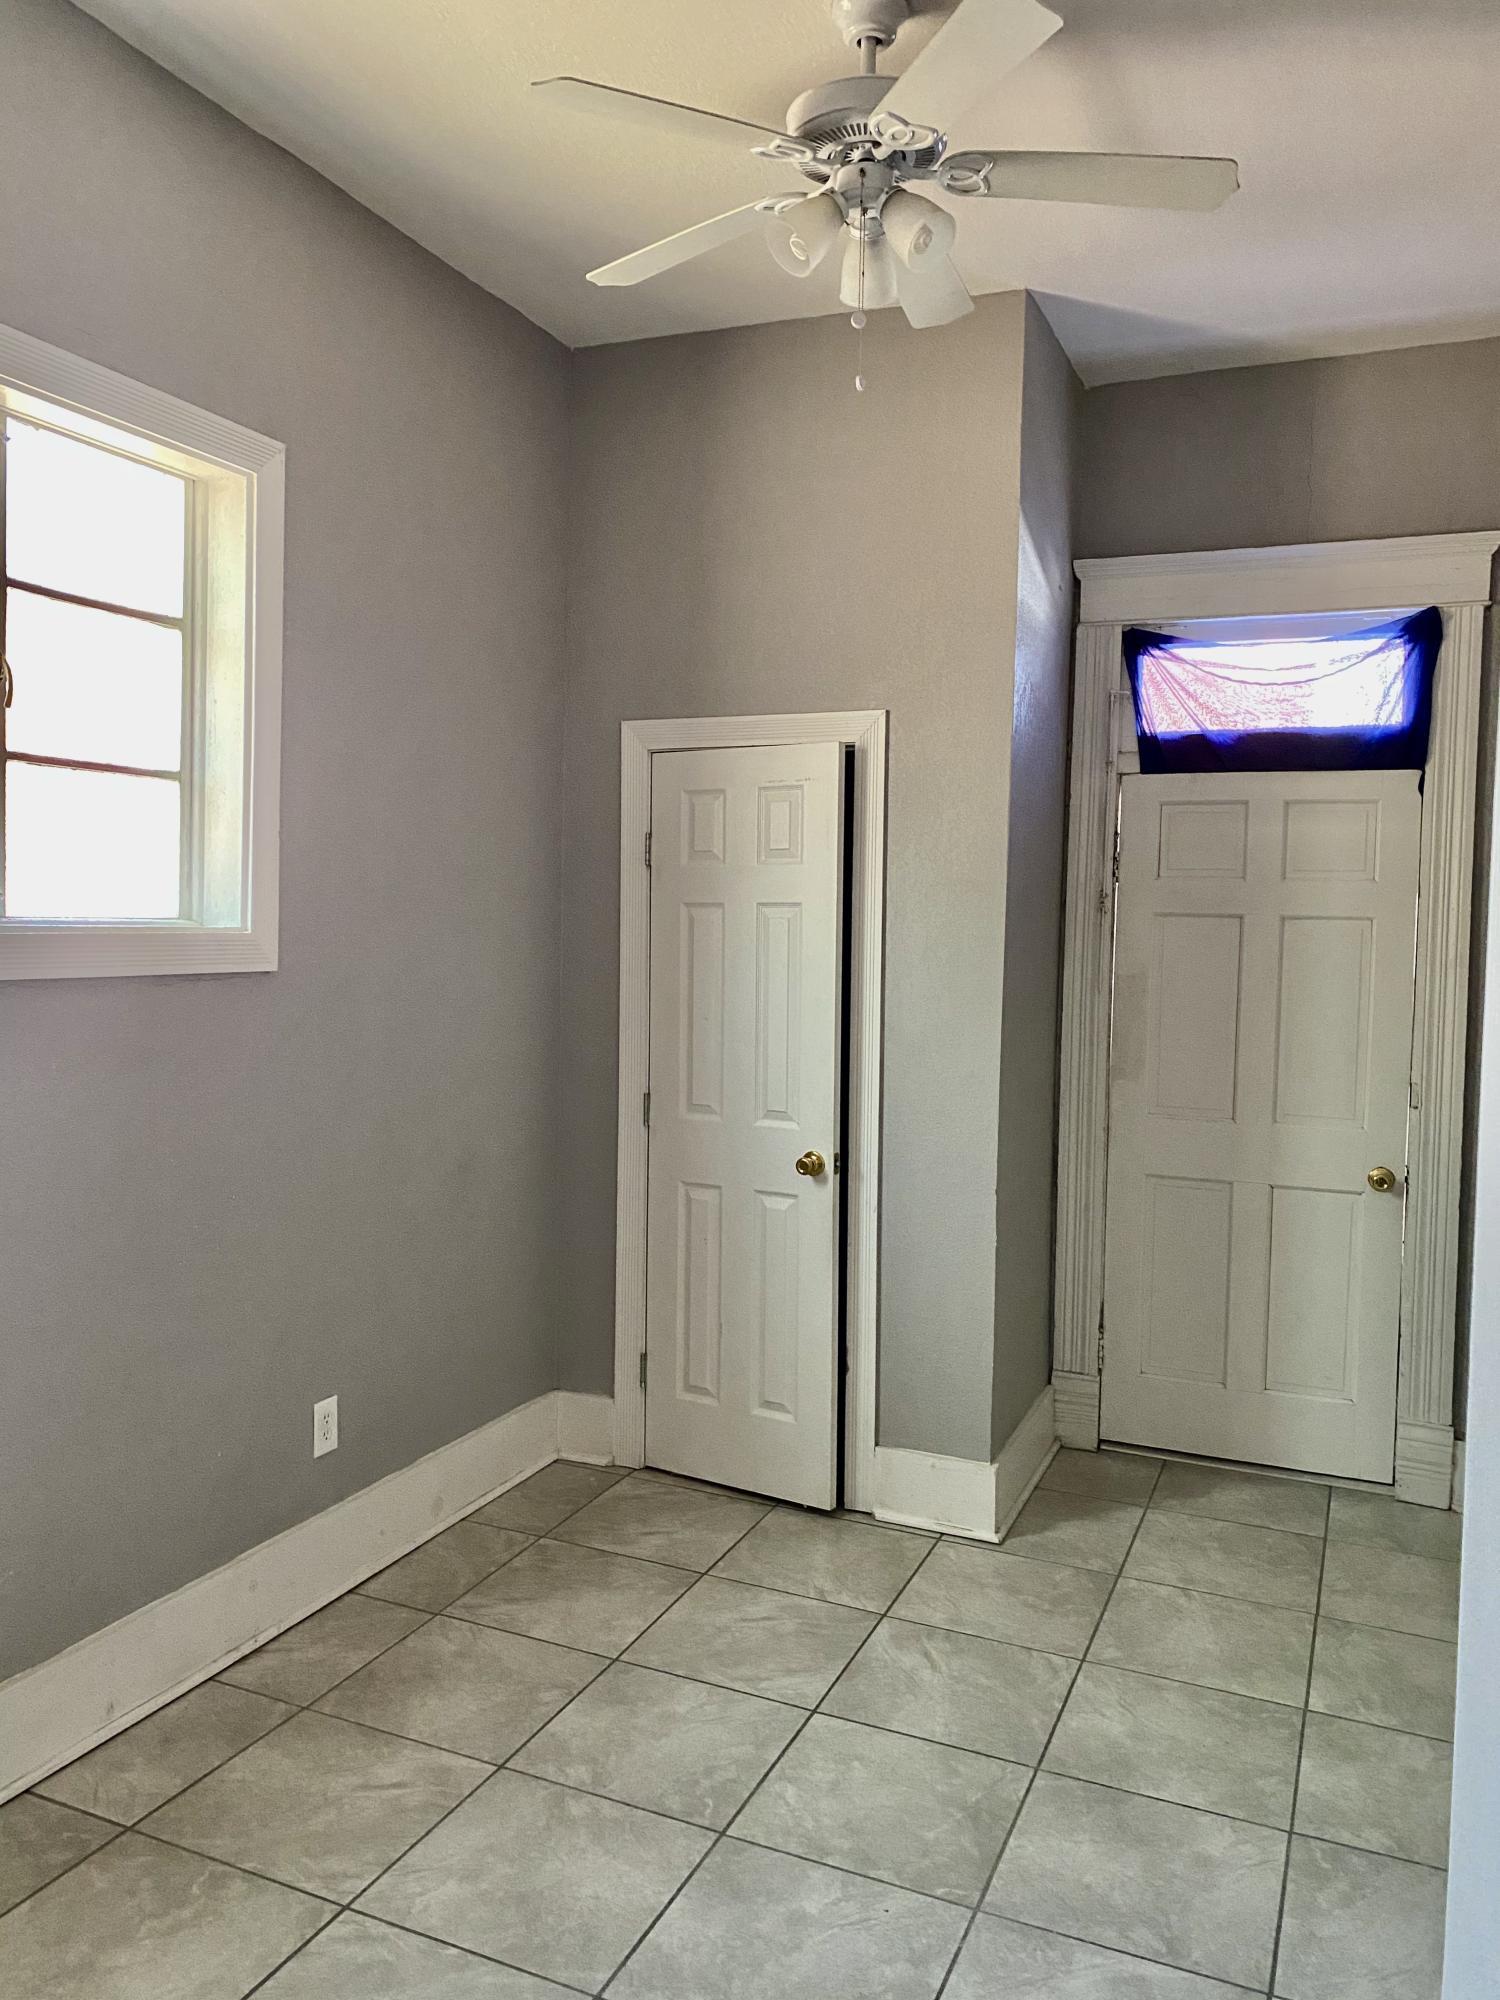 1100 N. Florence Street, El Paso, Texas 79902, 2 Bedrooms Bedrooms, ,1 BathroomBathrooms,Residential Rental,For Rent,N. Florence,835744